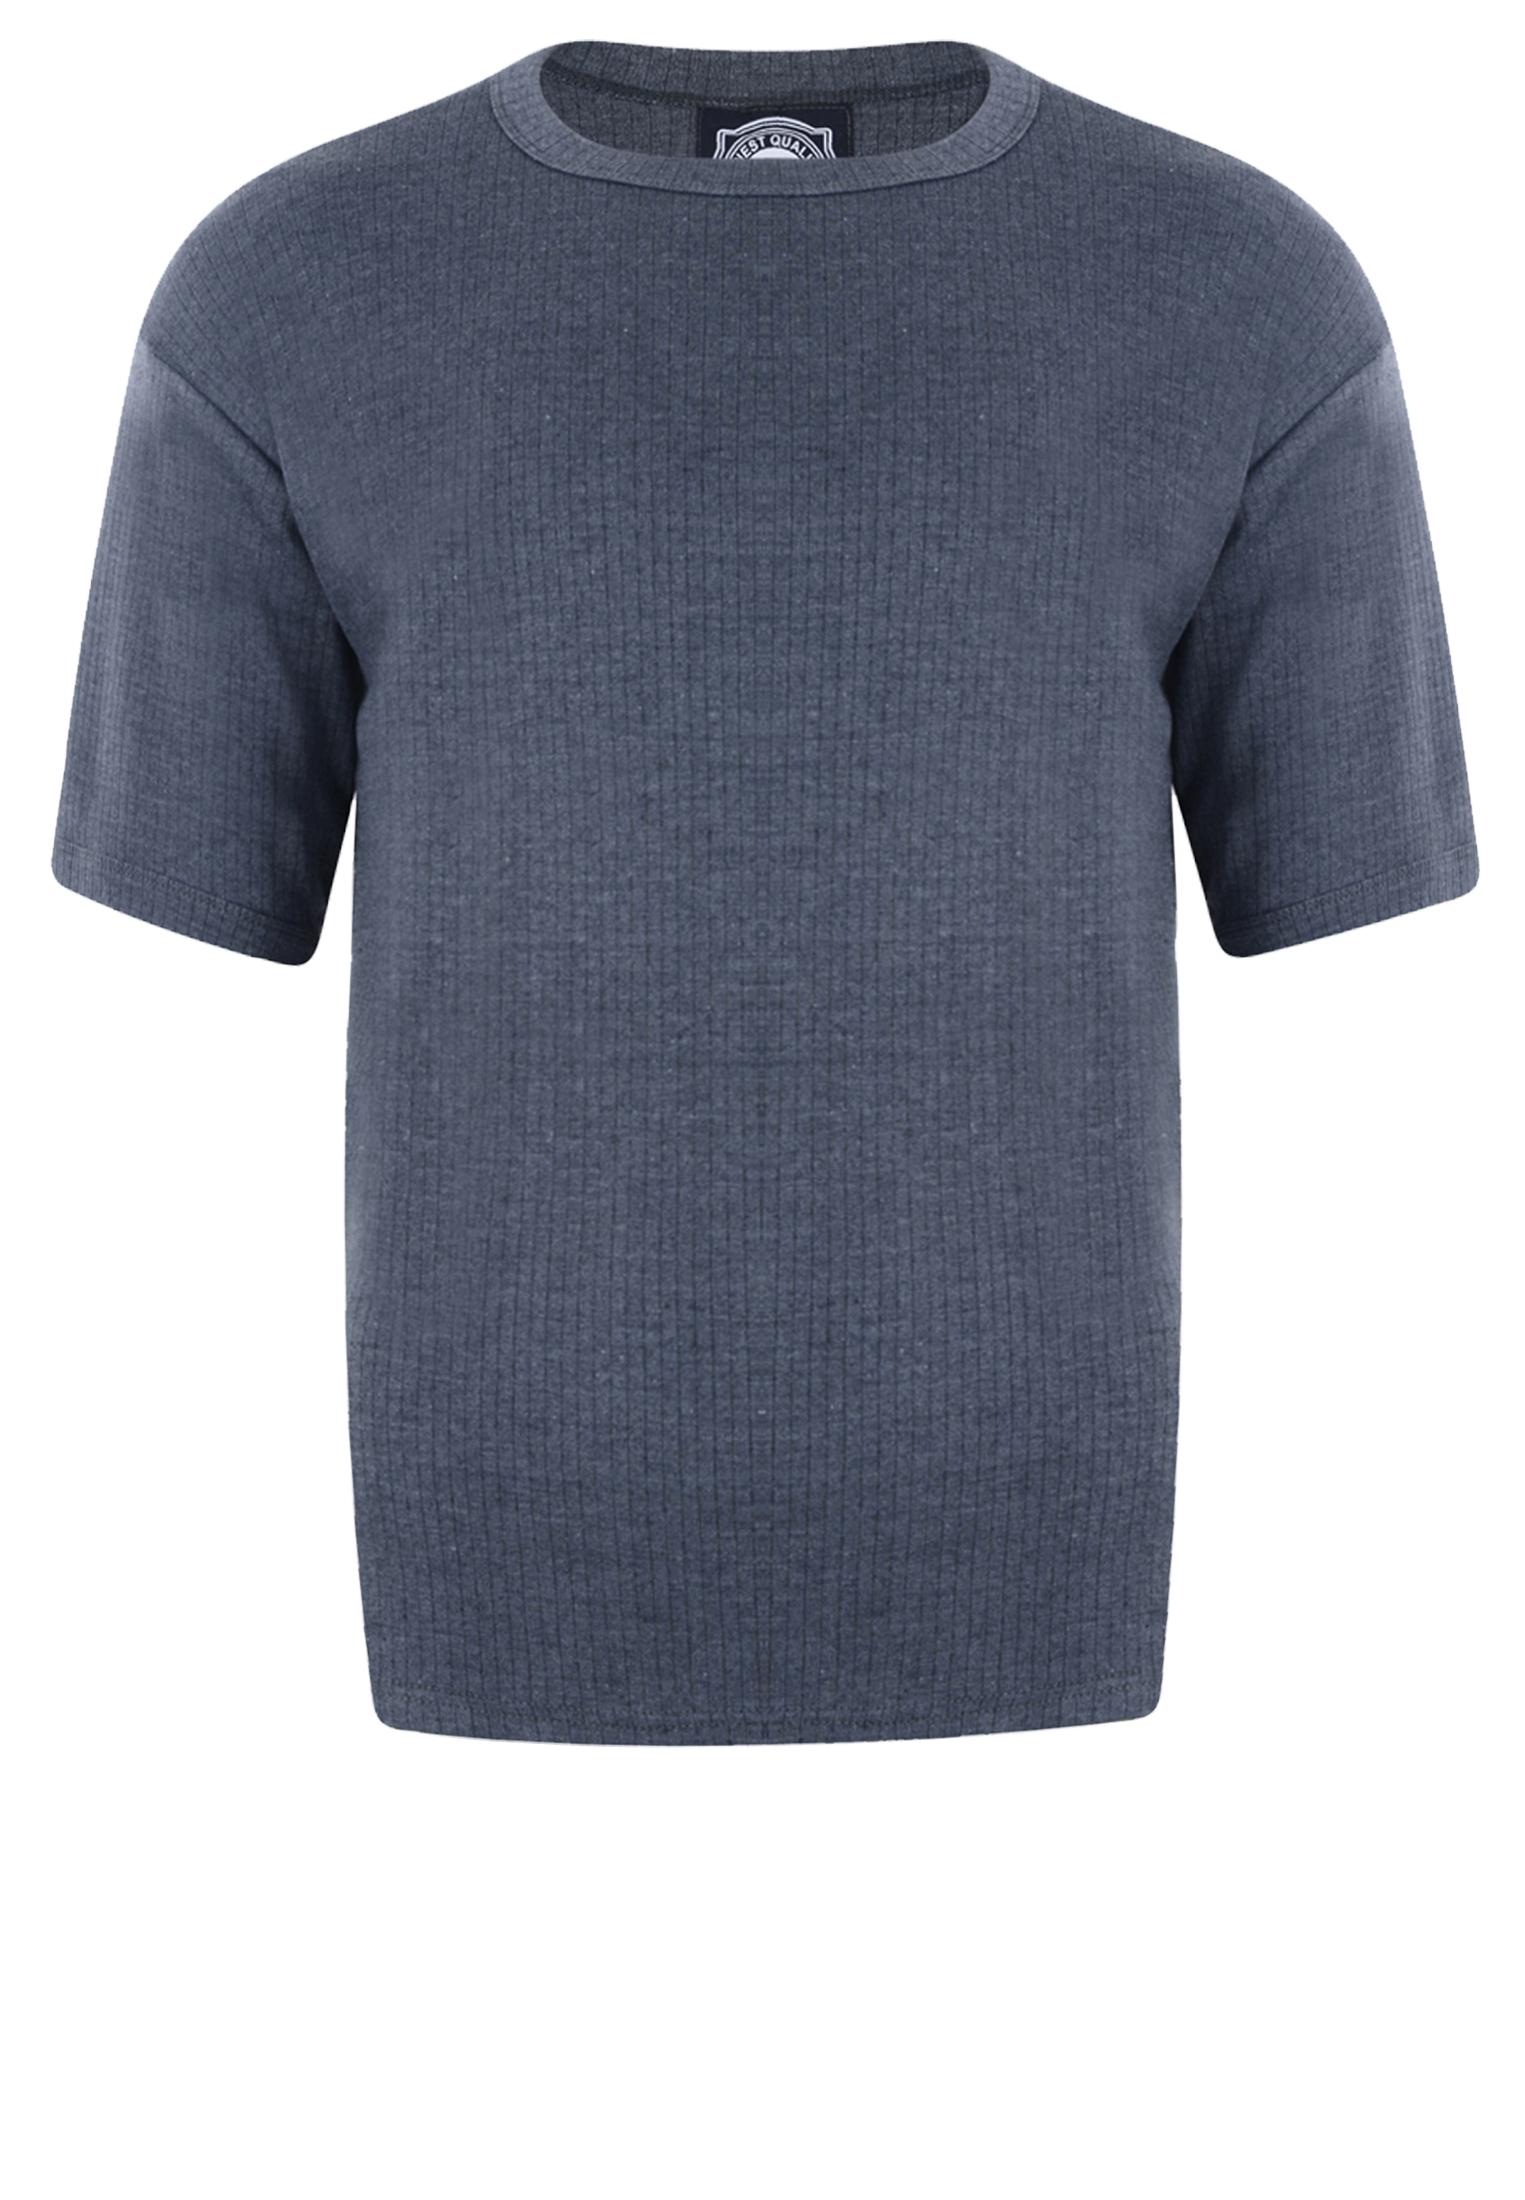 KAM JEANSWEAR thermo T-shirt is warmte regulerend, vocht transporterend, licht en comfortabel, huidvriendelijk en elastisch. Geschikt als ski ondergoed.